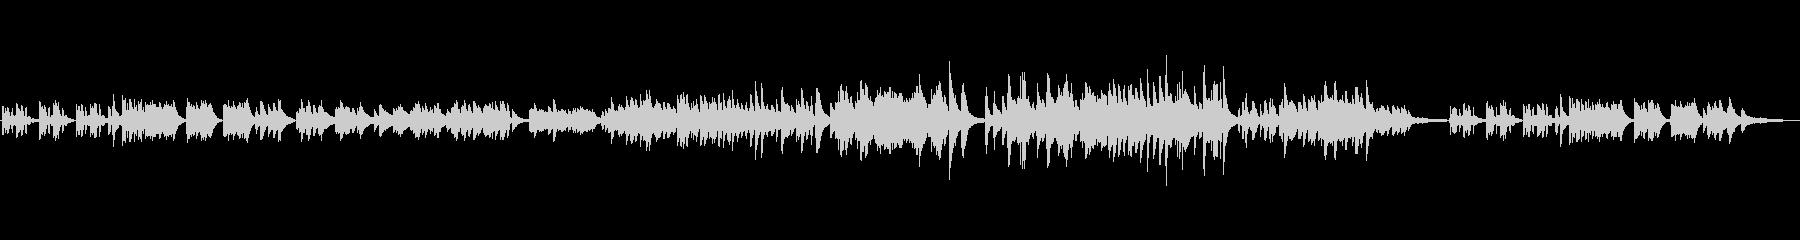 150秒の、元気になれるピアノ曲の未再生の波形